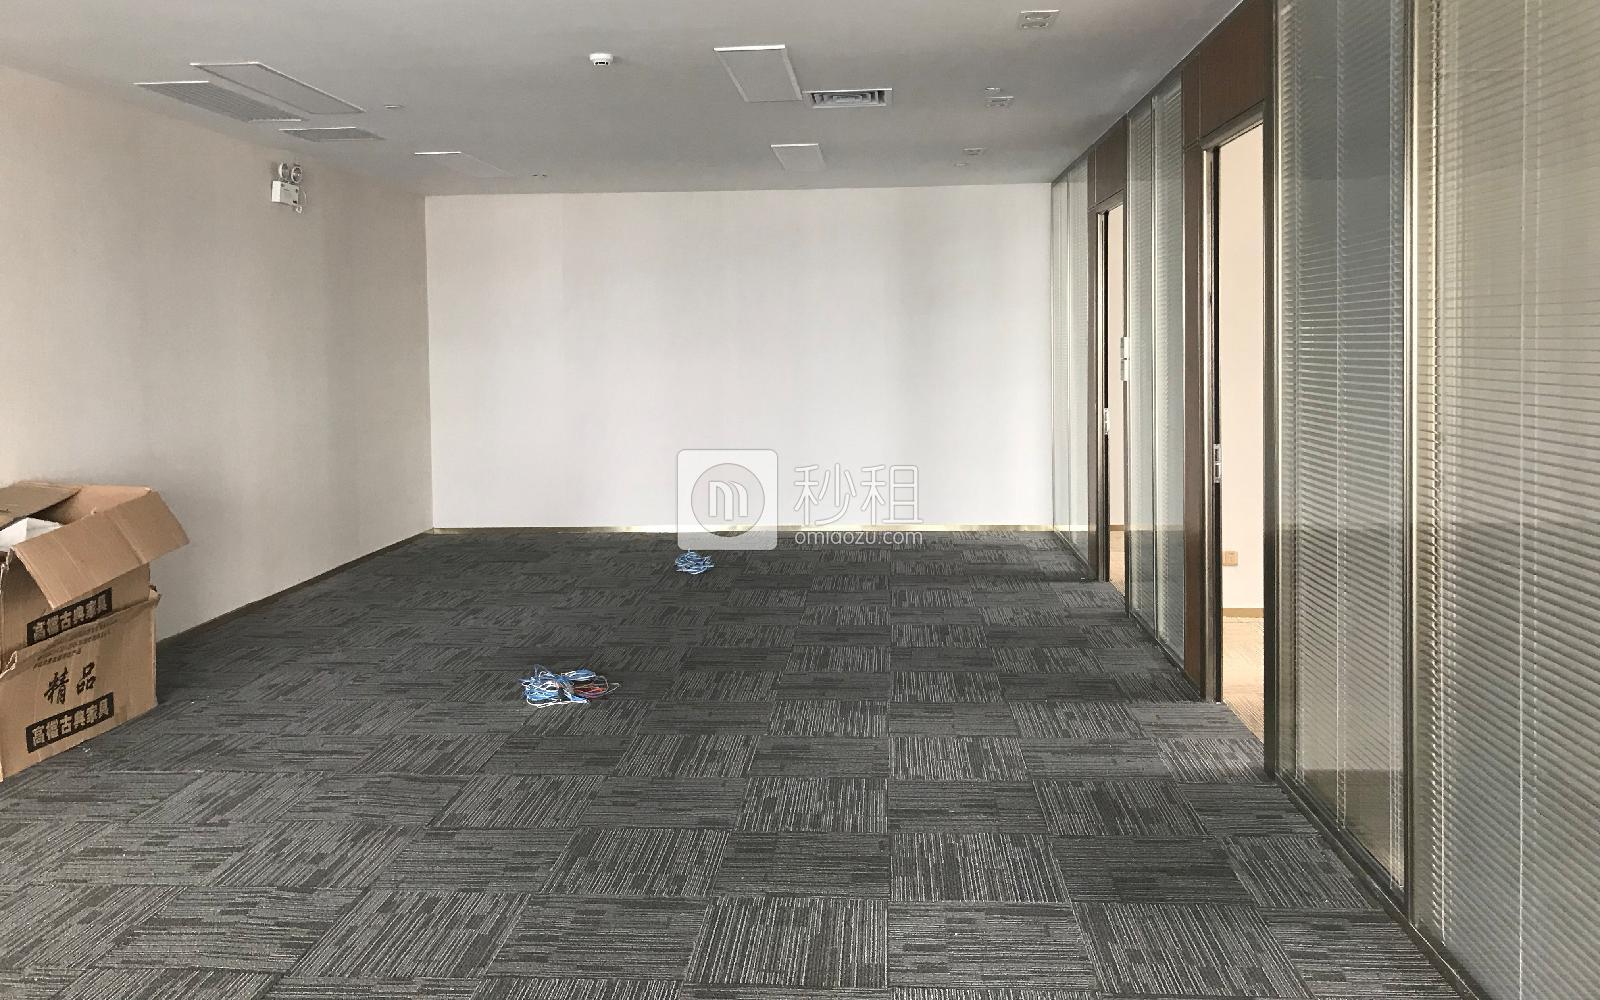 宝安-宝安中心区 龙光世纪大厦 180m²